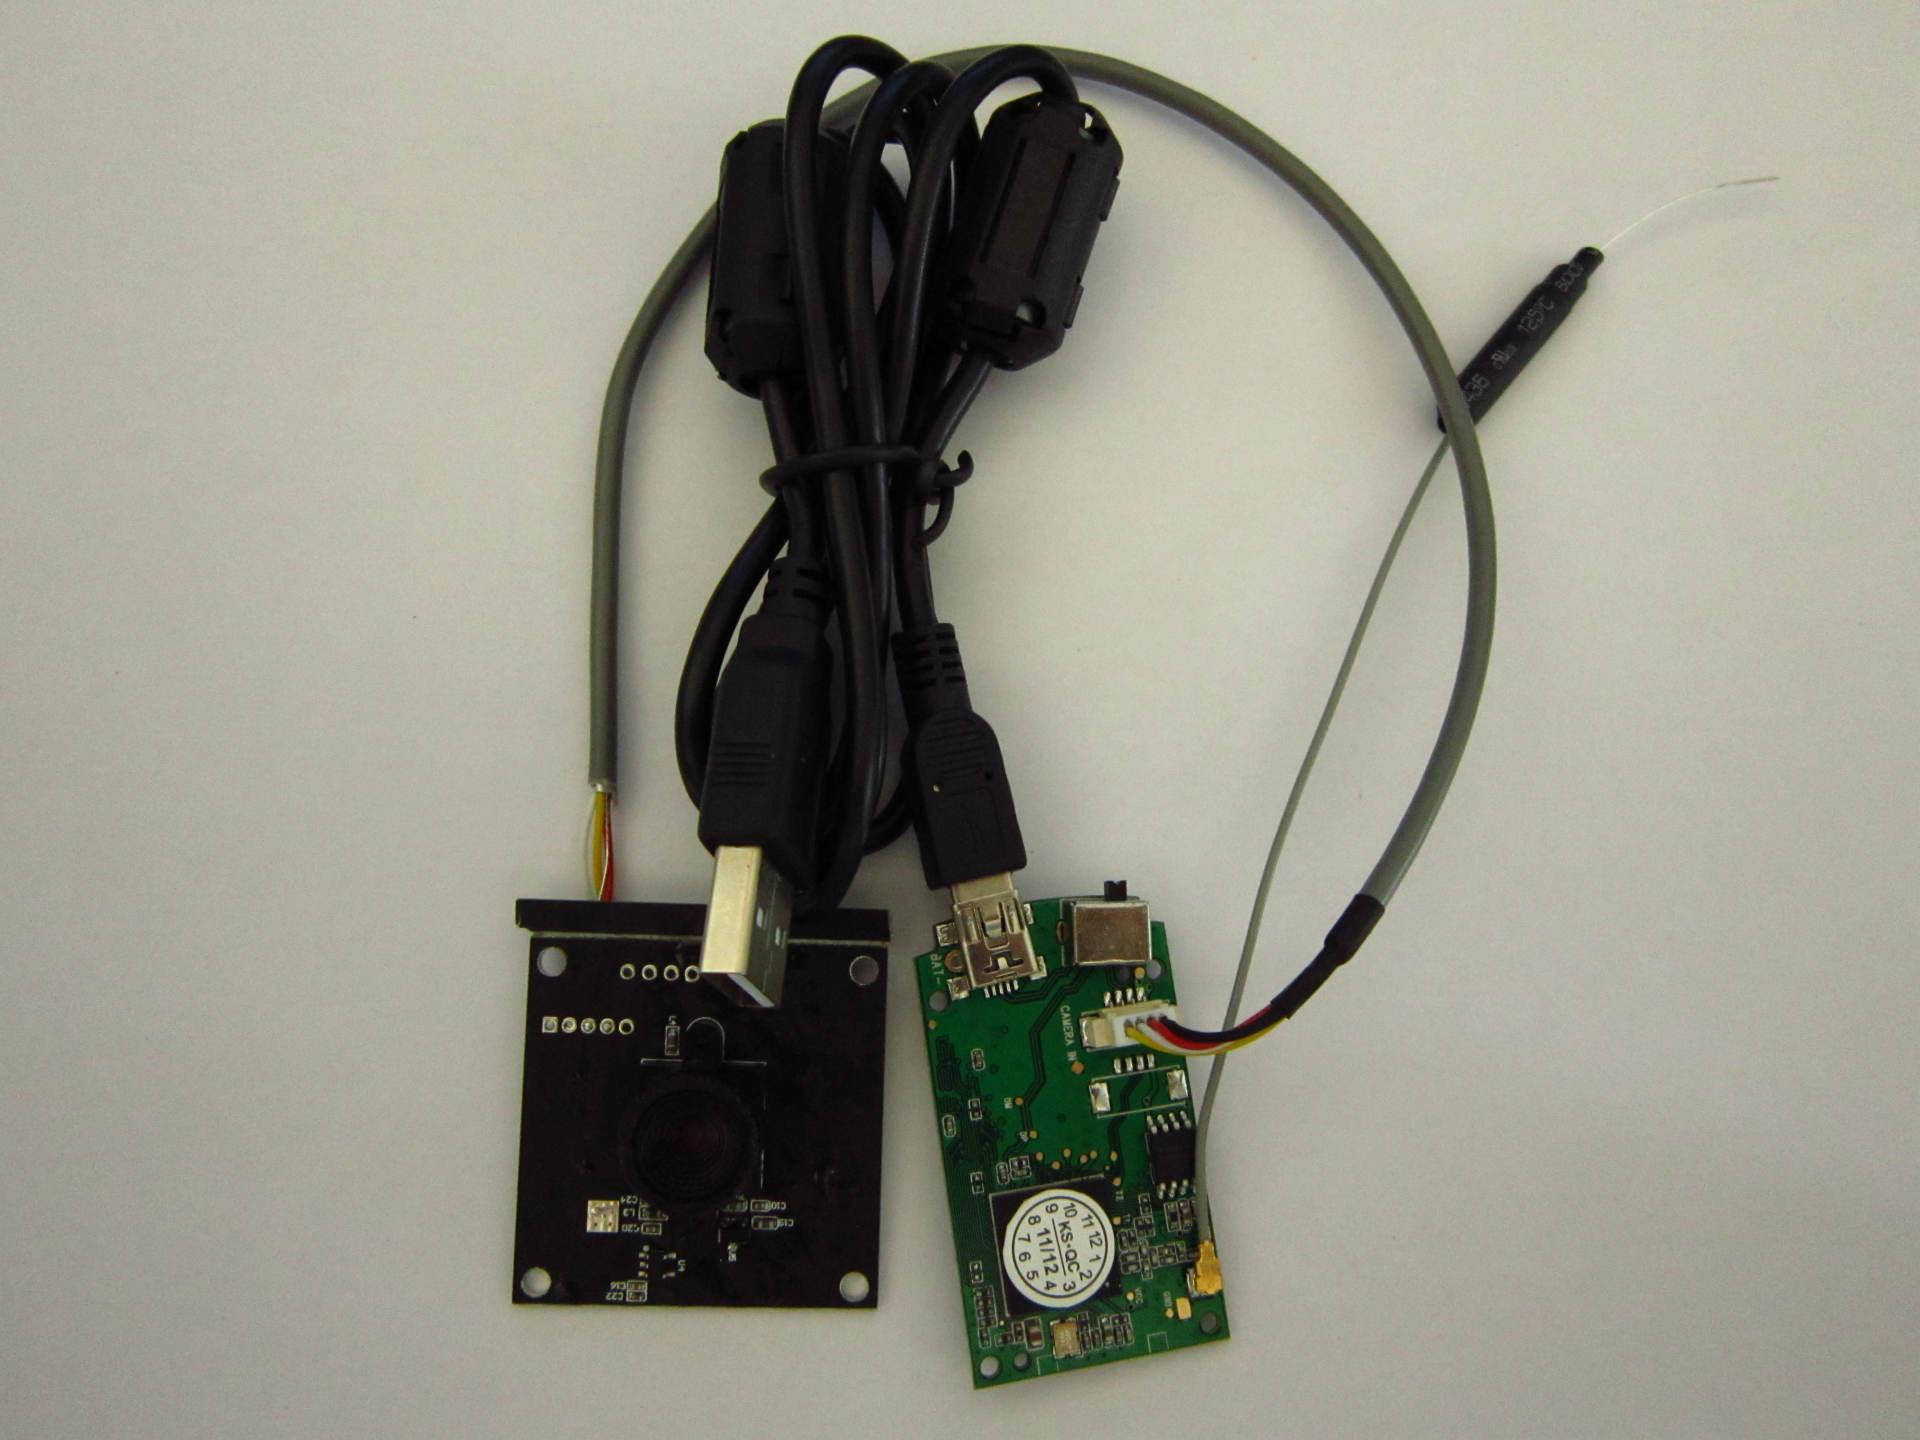 Camera WIFI điện thoại di động camera kết nối không dây